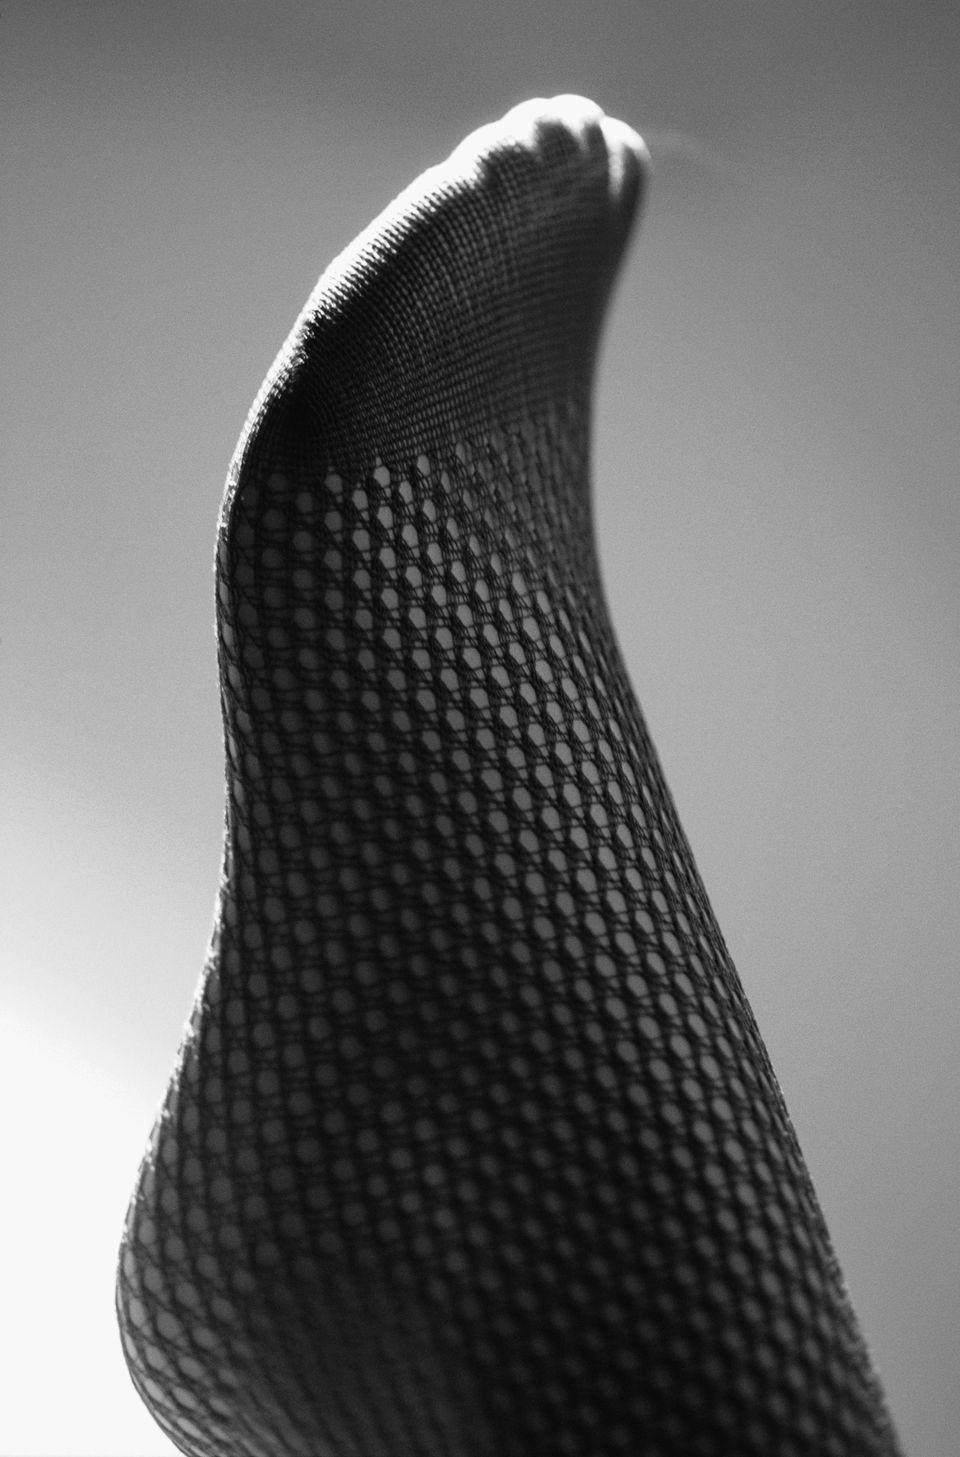 Nylon stockings need special laundry care.